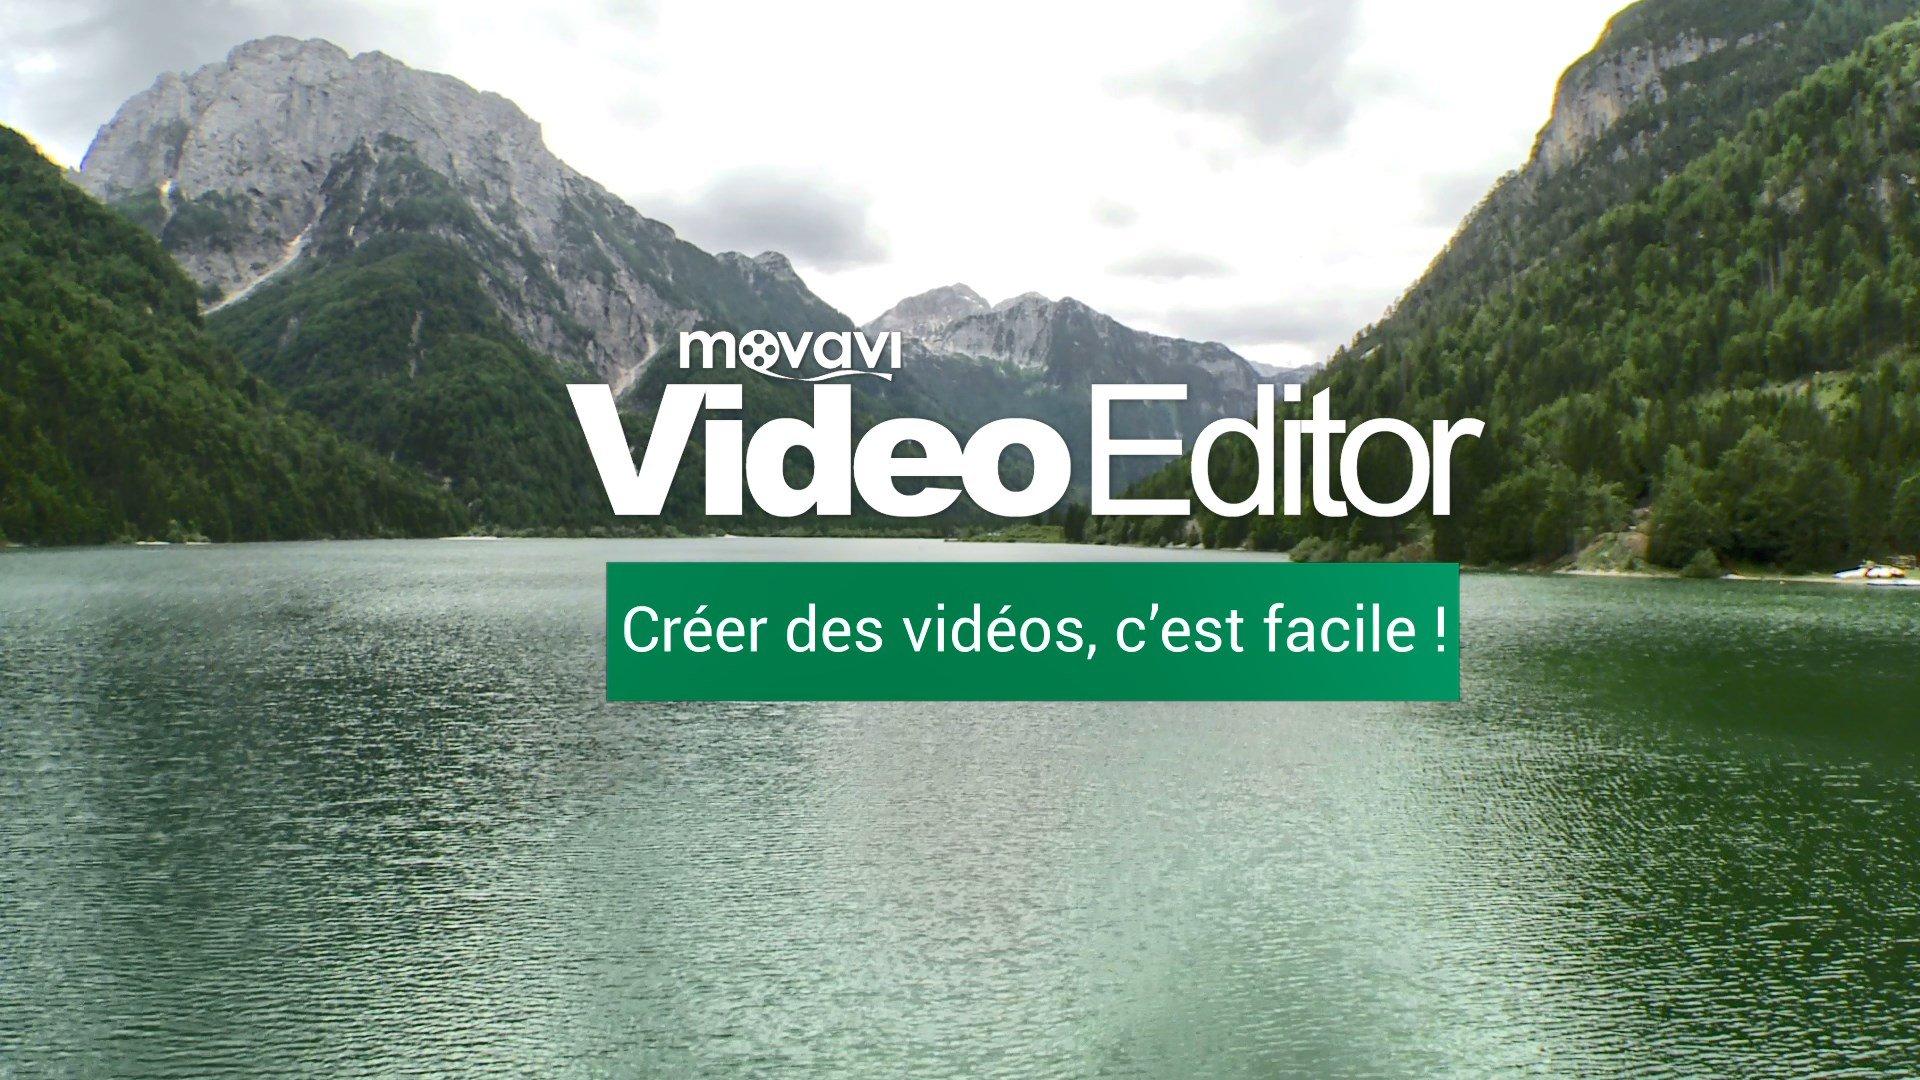 https://consomac.fr/forums/topic/5647-quel-mac-choisir-pour-montage-vid%C3%A9o/